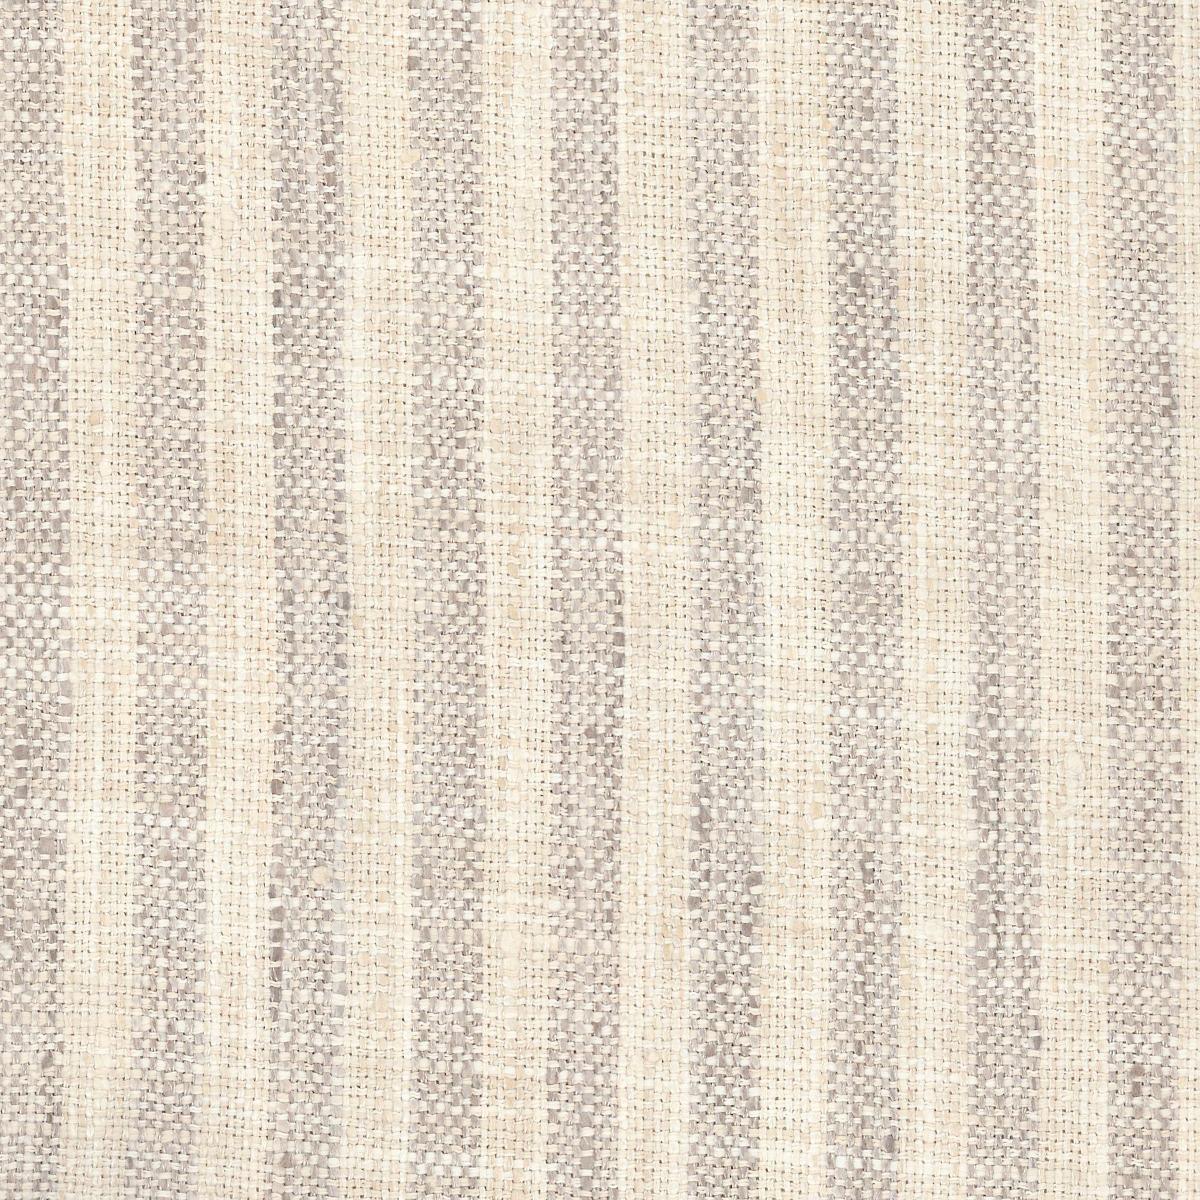 Adams Ticking Grey Indoor/Outdoor Fabric